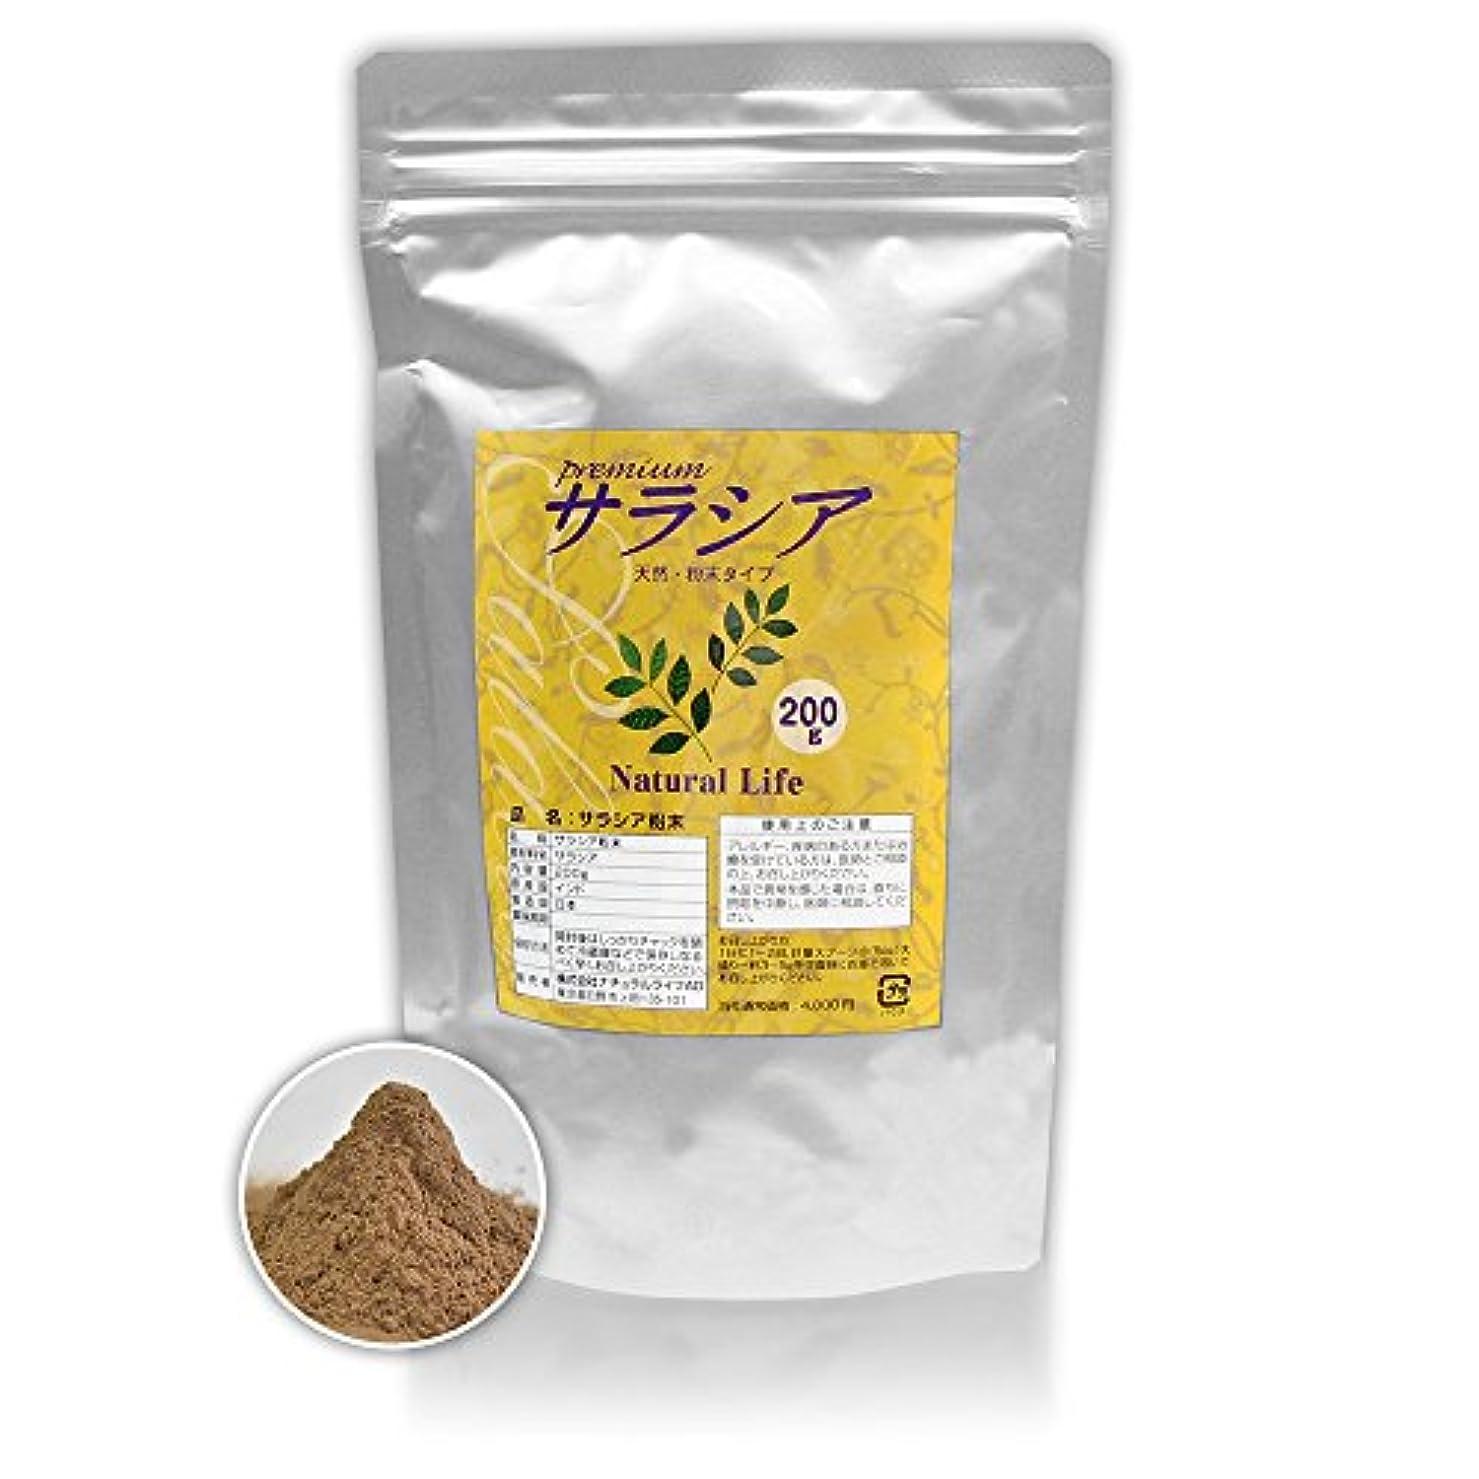 リークハロウィンご予約サラシア粉末[200g]天然ピュア原料(無添加)健康食品(さらしあ,レティキュラータ)